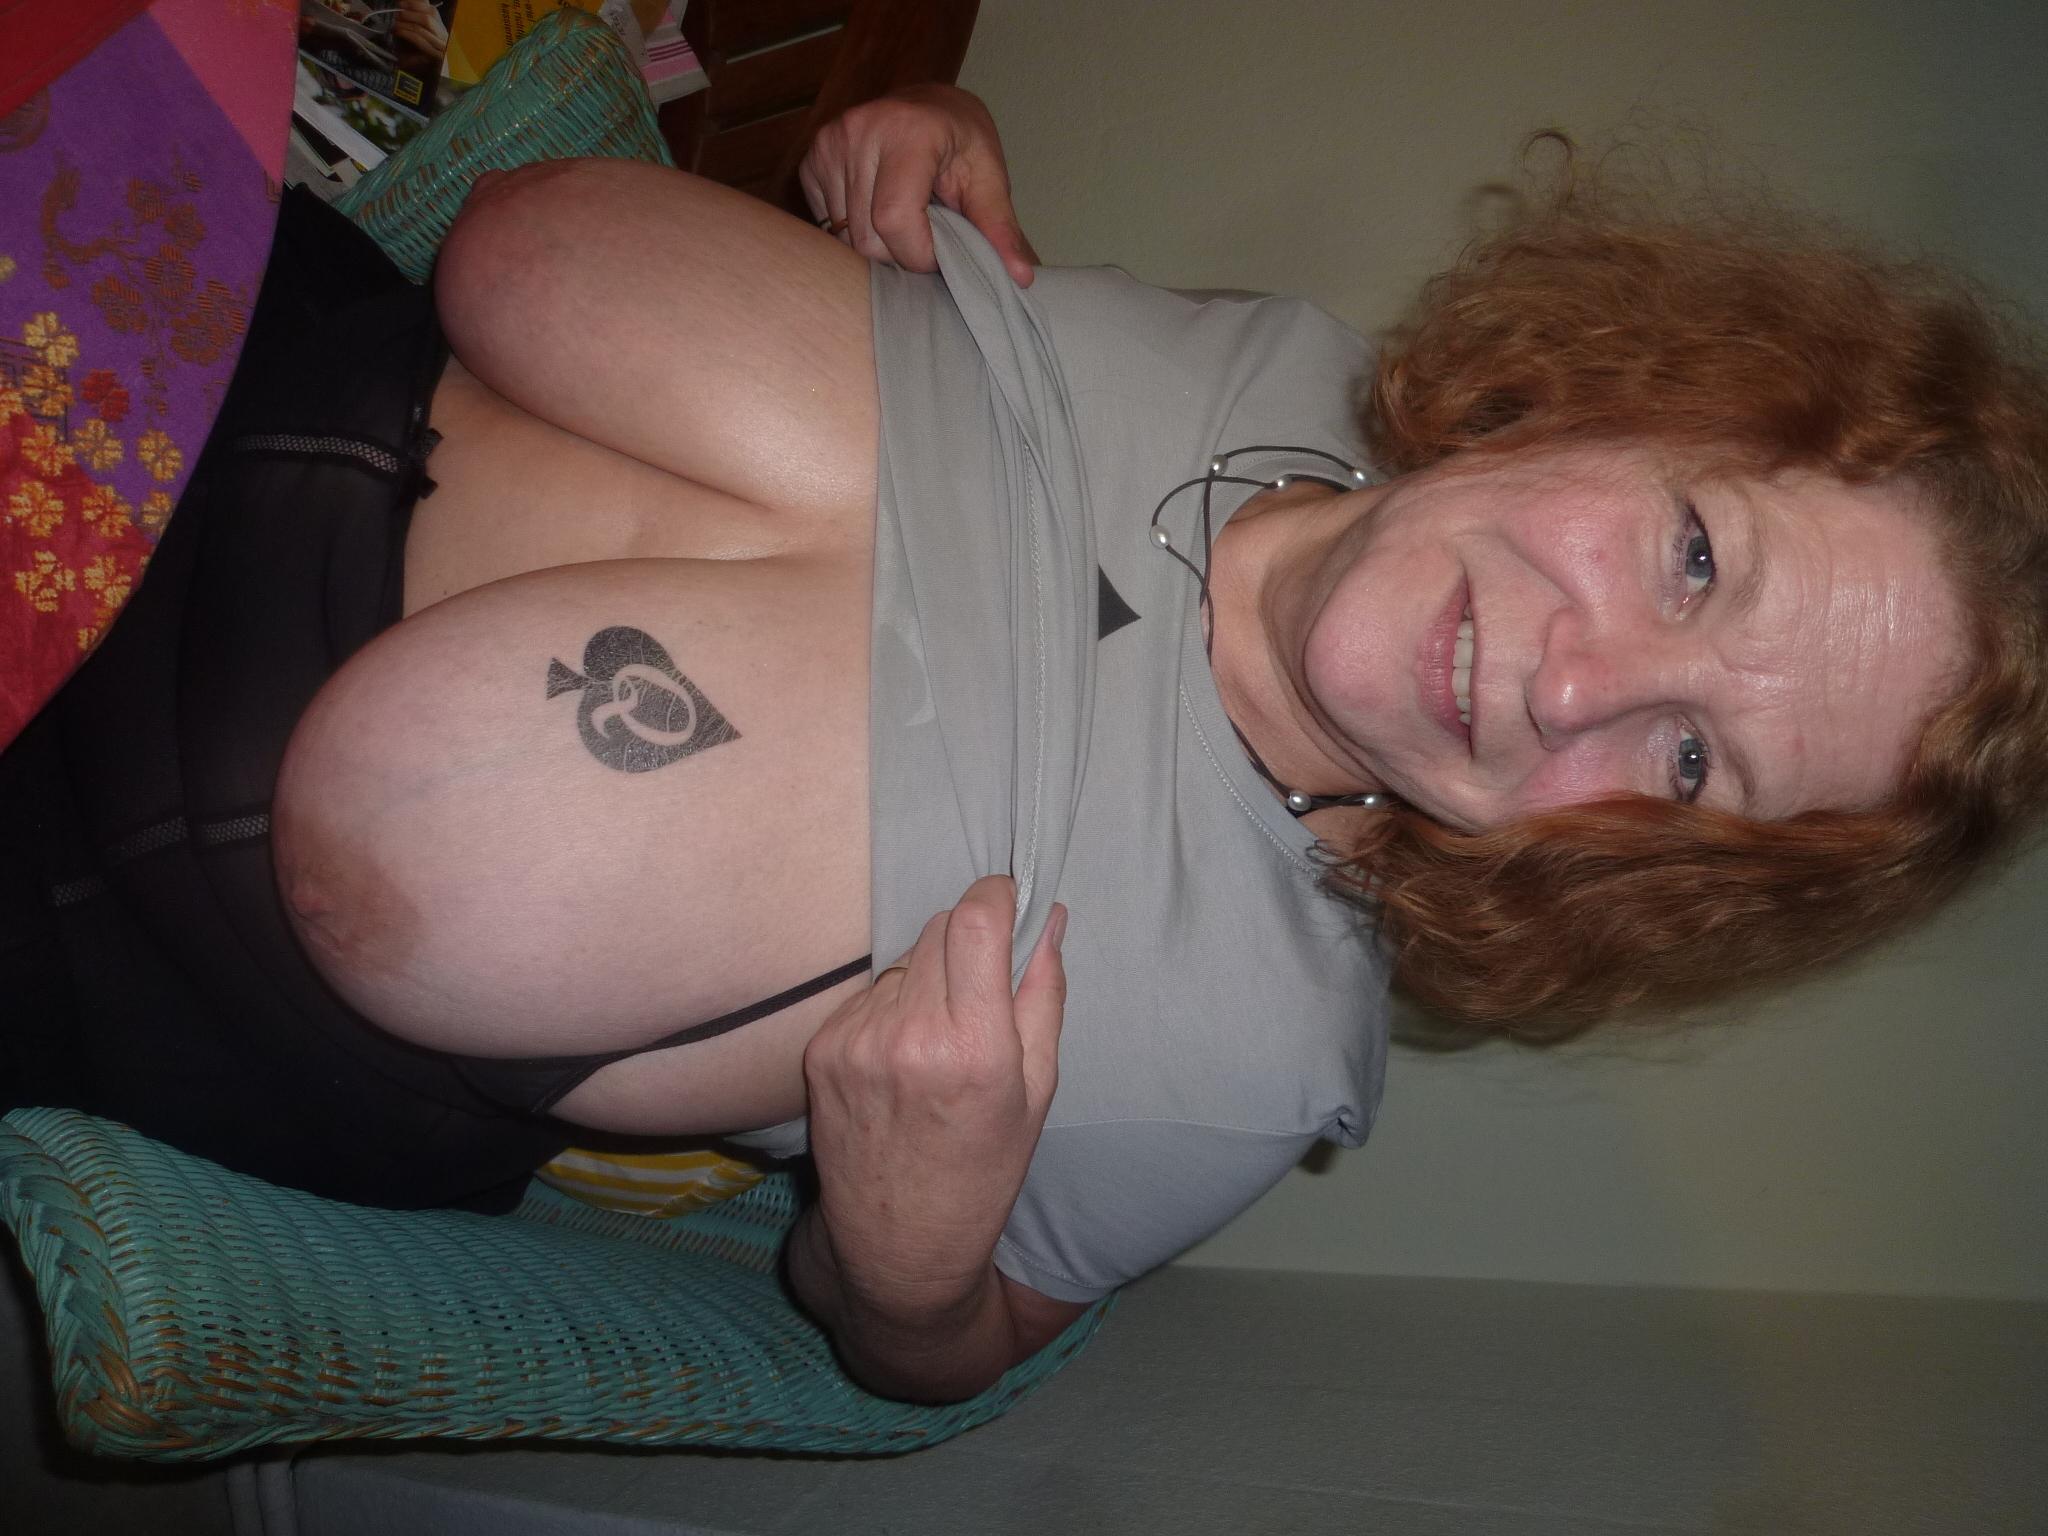 queen of spades cuckold bbw